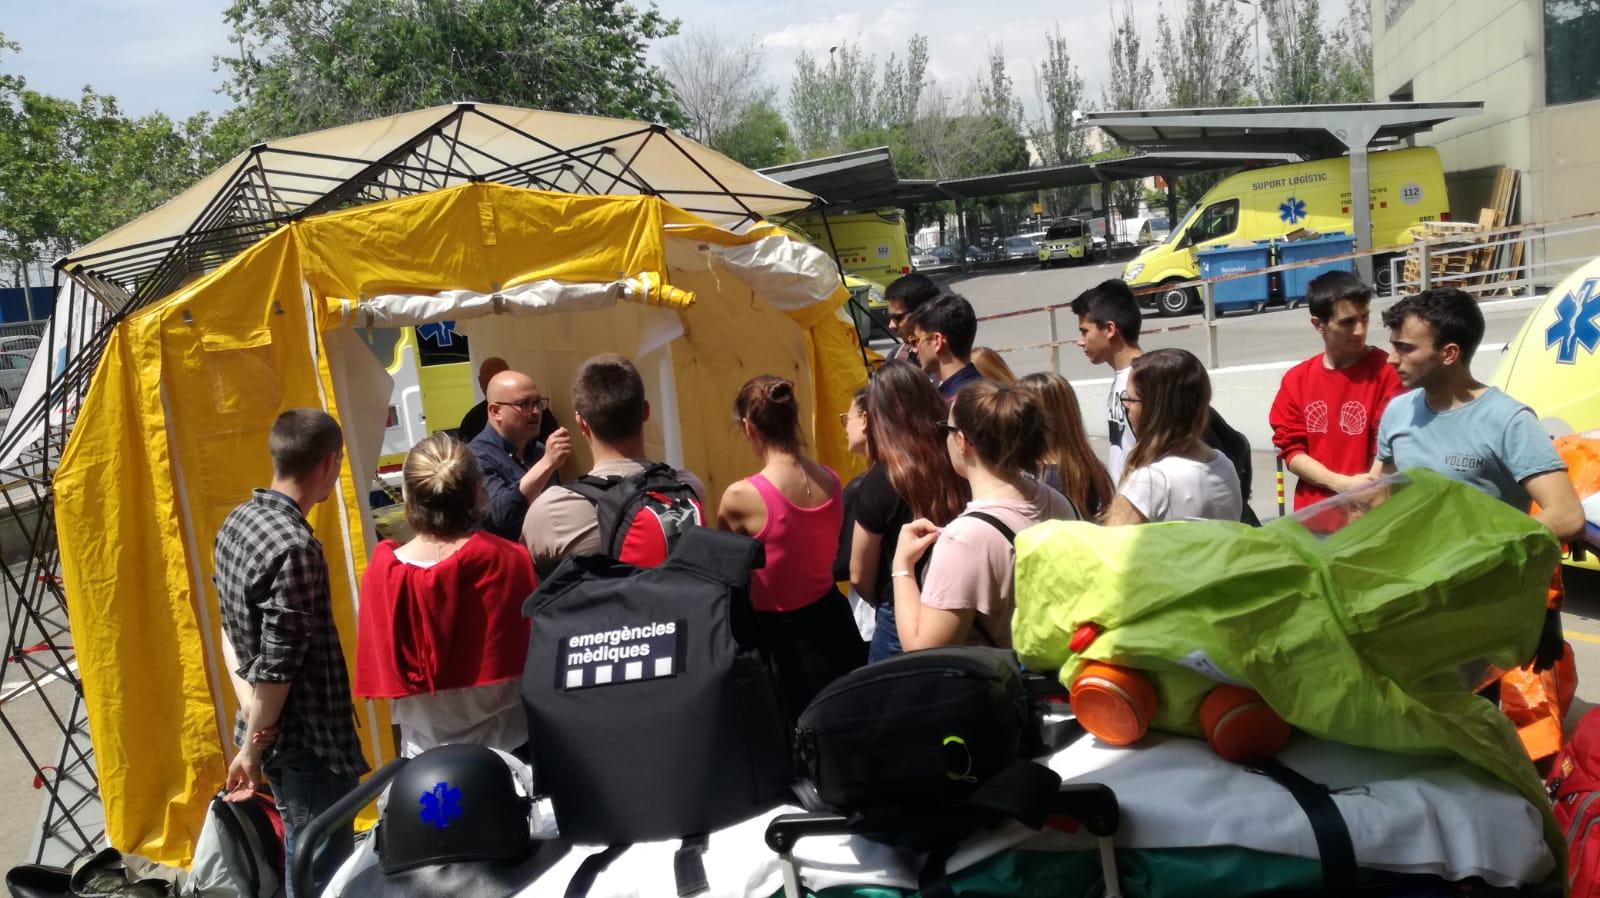 Els alumnes de 1r curs del cicle formatiu de TES del Centre Garbí visiten la seu del Sistema d'Emergències Mèdiques de l'Hospitalet del Llobregat